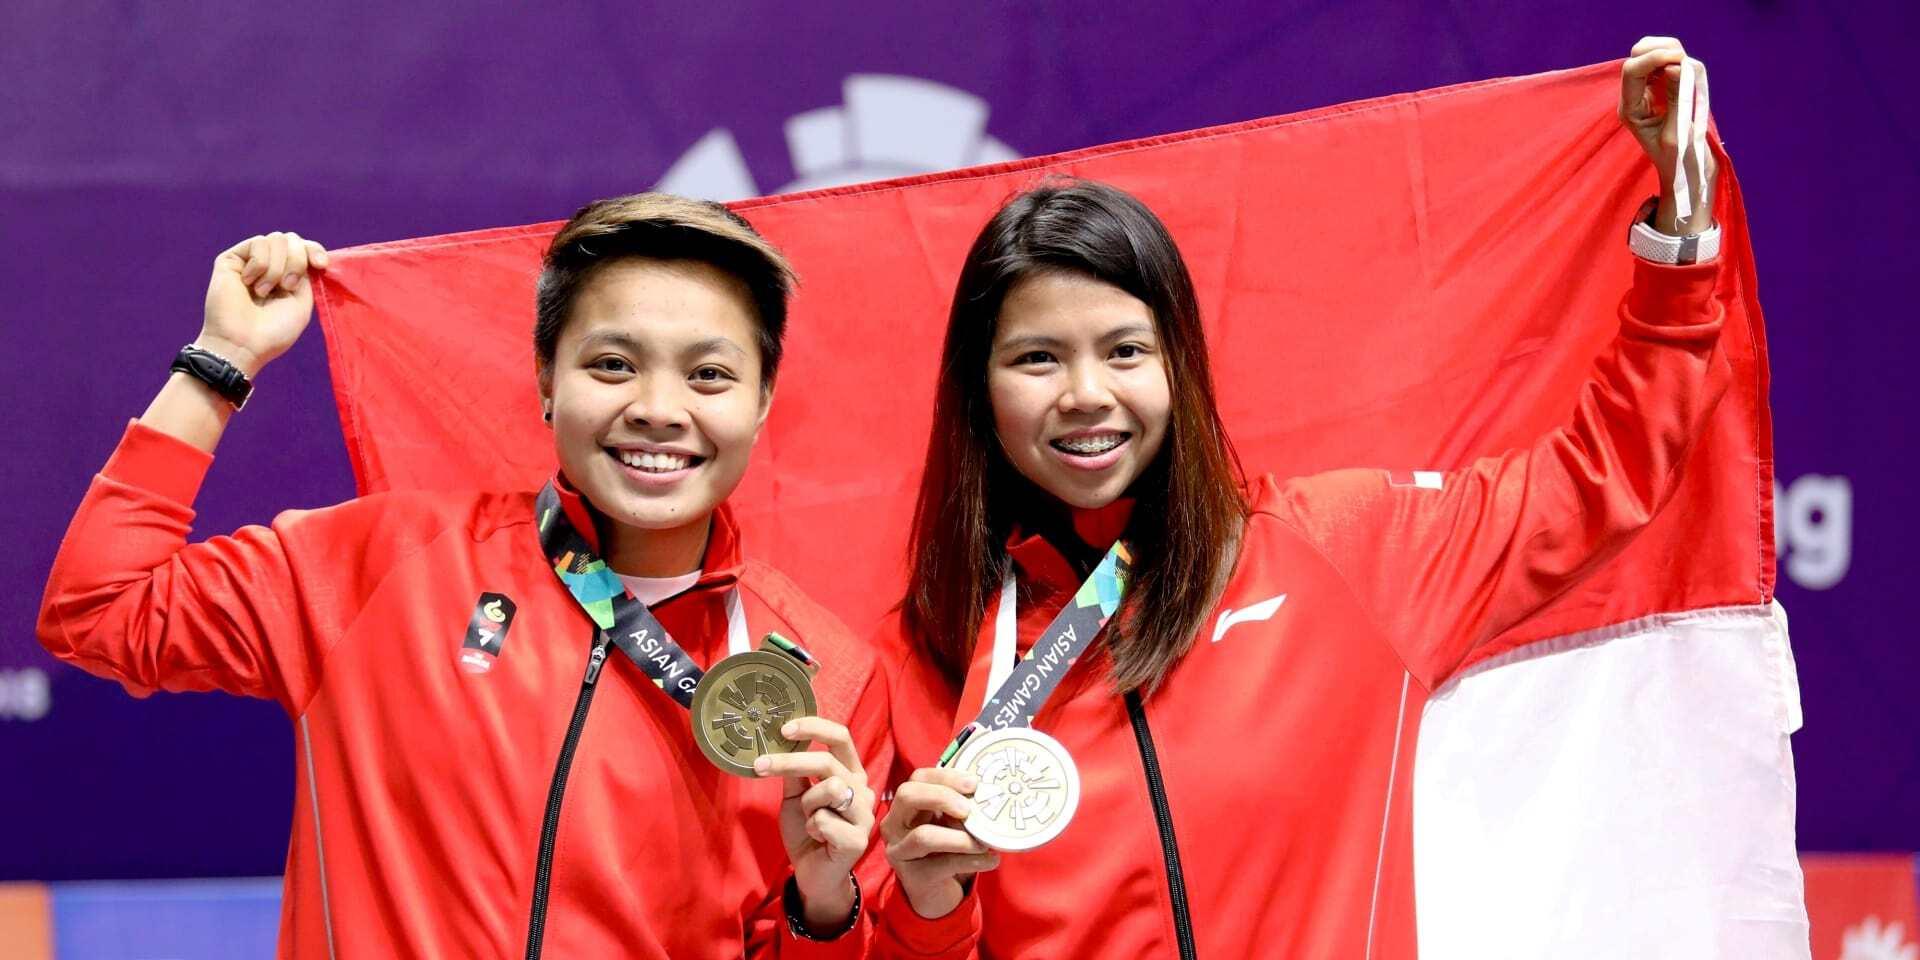 #NyalakanSemangat Atlet Asian Games 2018 Greysia Polii/Apriyani Rahayu